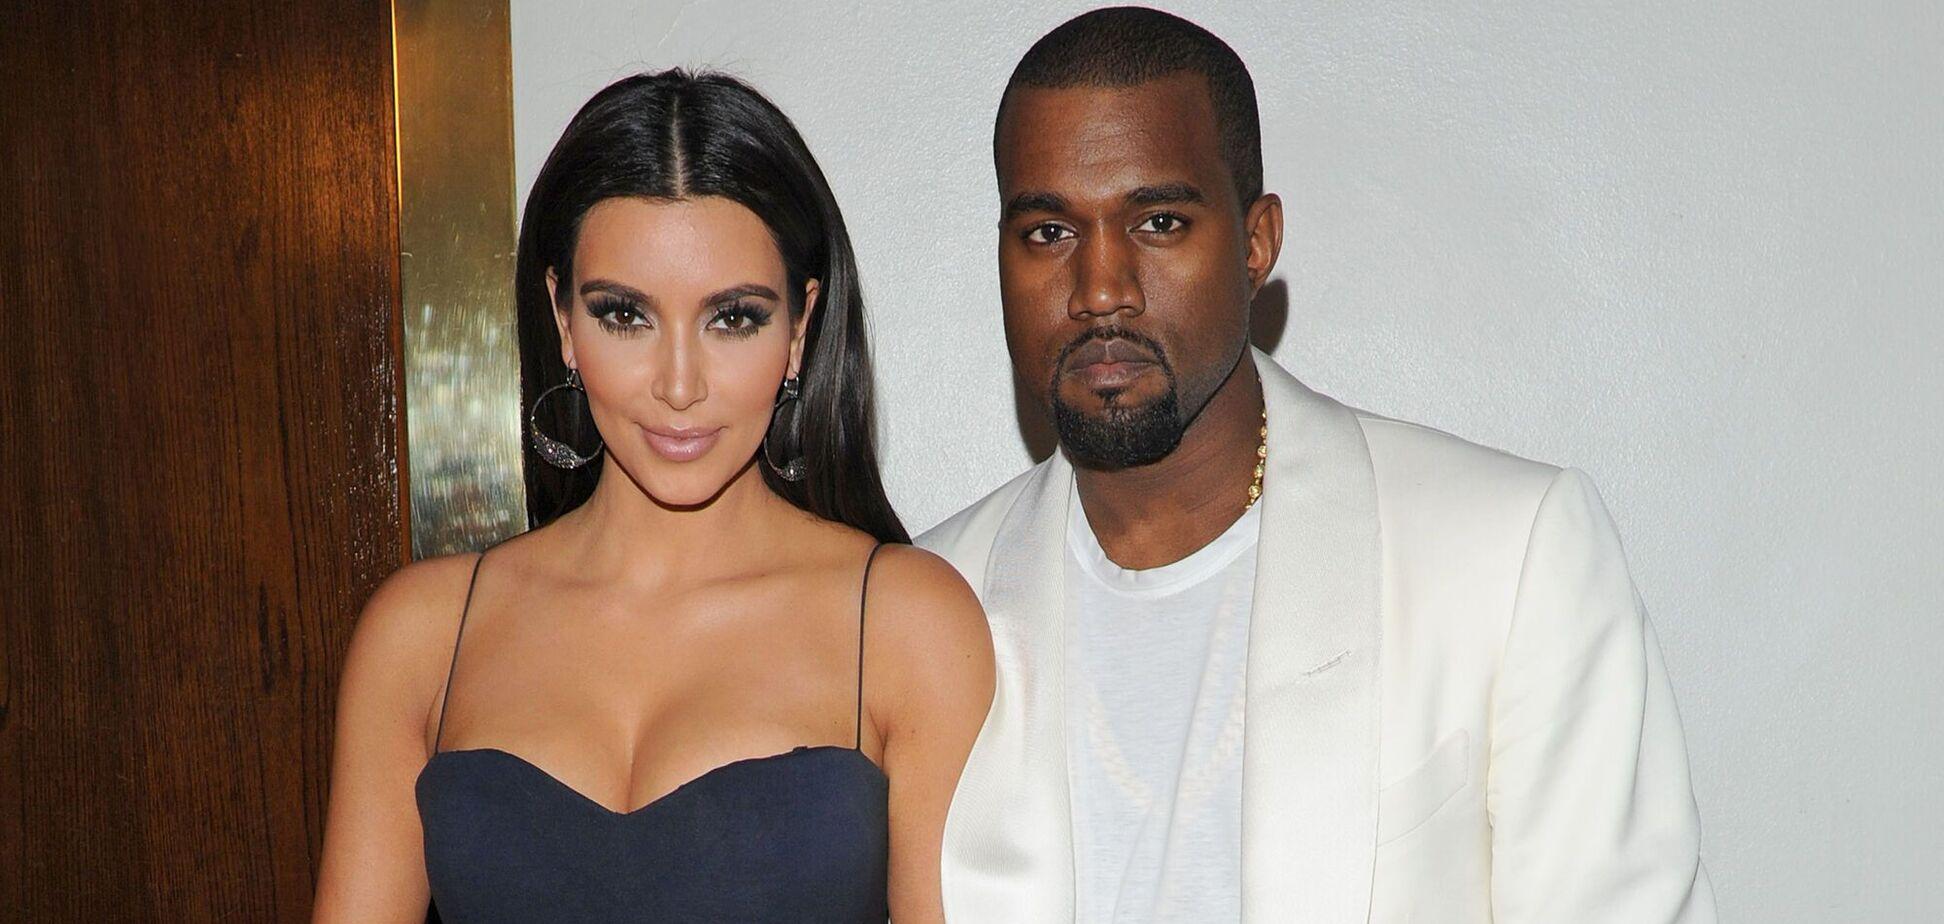 Каньє Вест і Кім Кардаш'ян вже рік не живуть разом: інсайдери розкрили подробиці. Джерело: Фото: Mirrorpix / Splash News